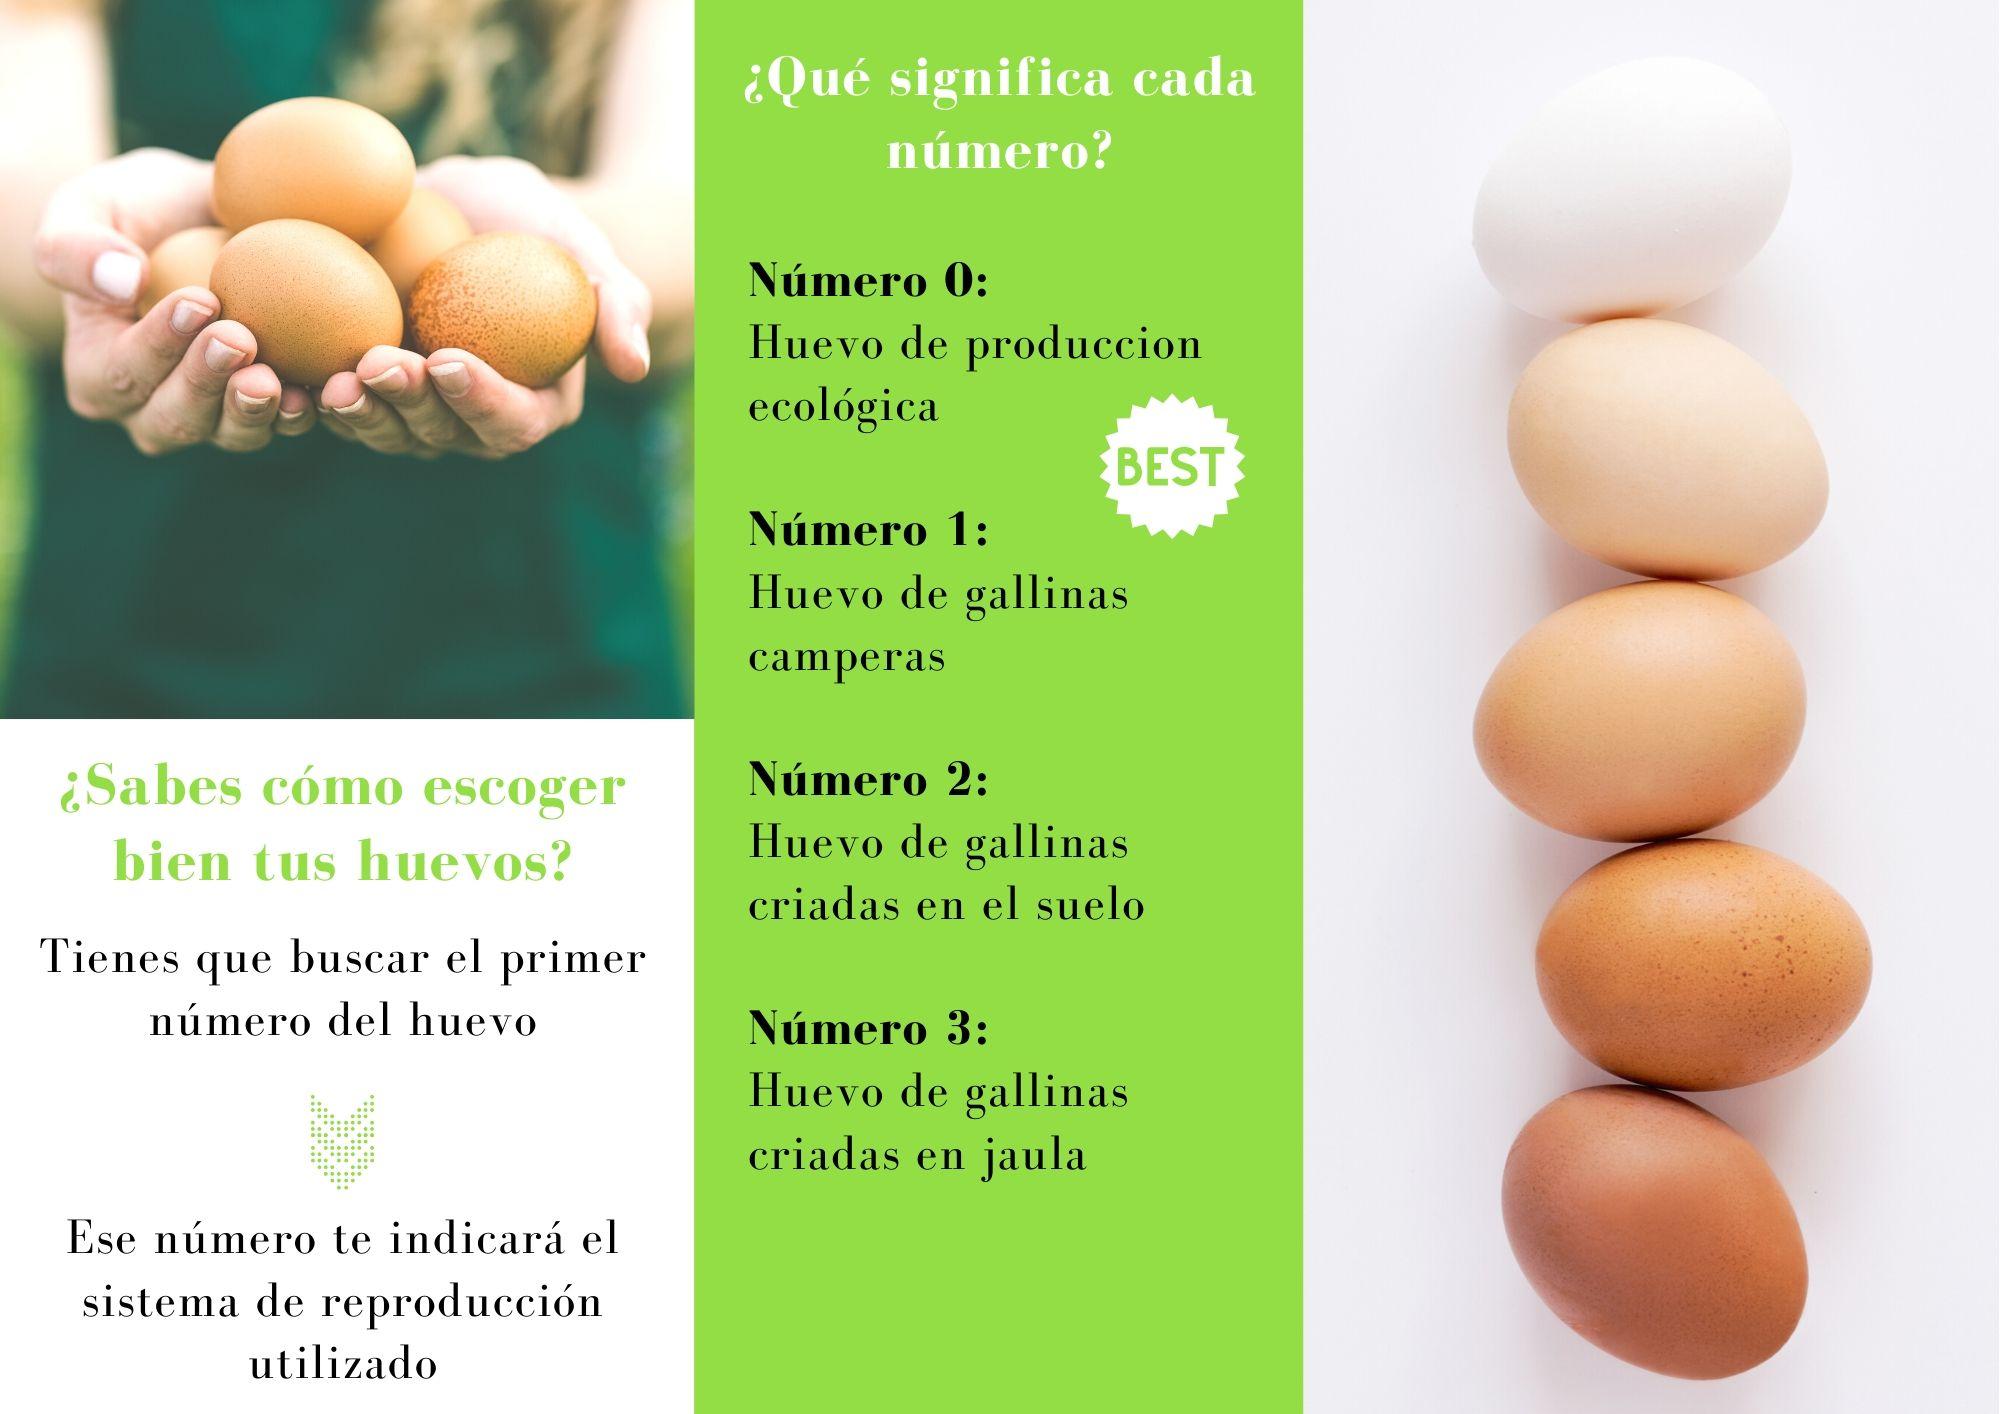 Escoge bien los huevos